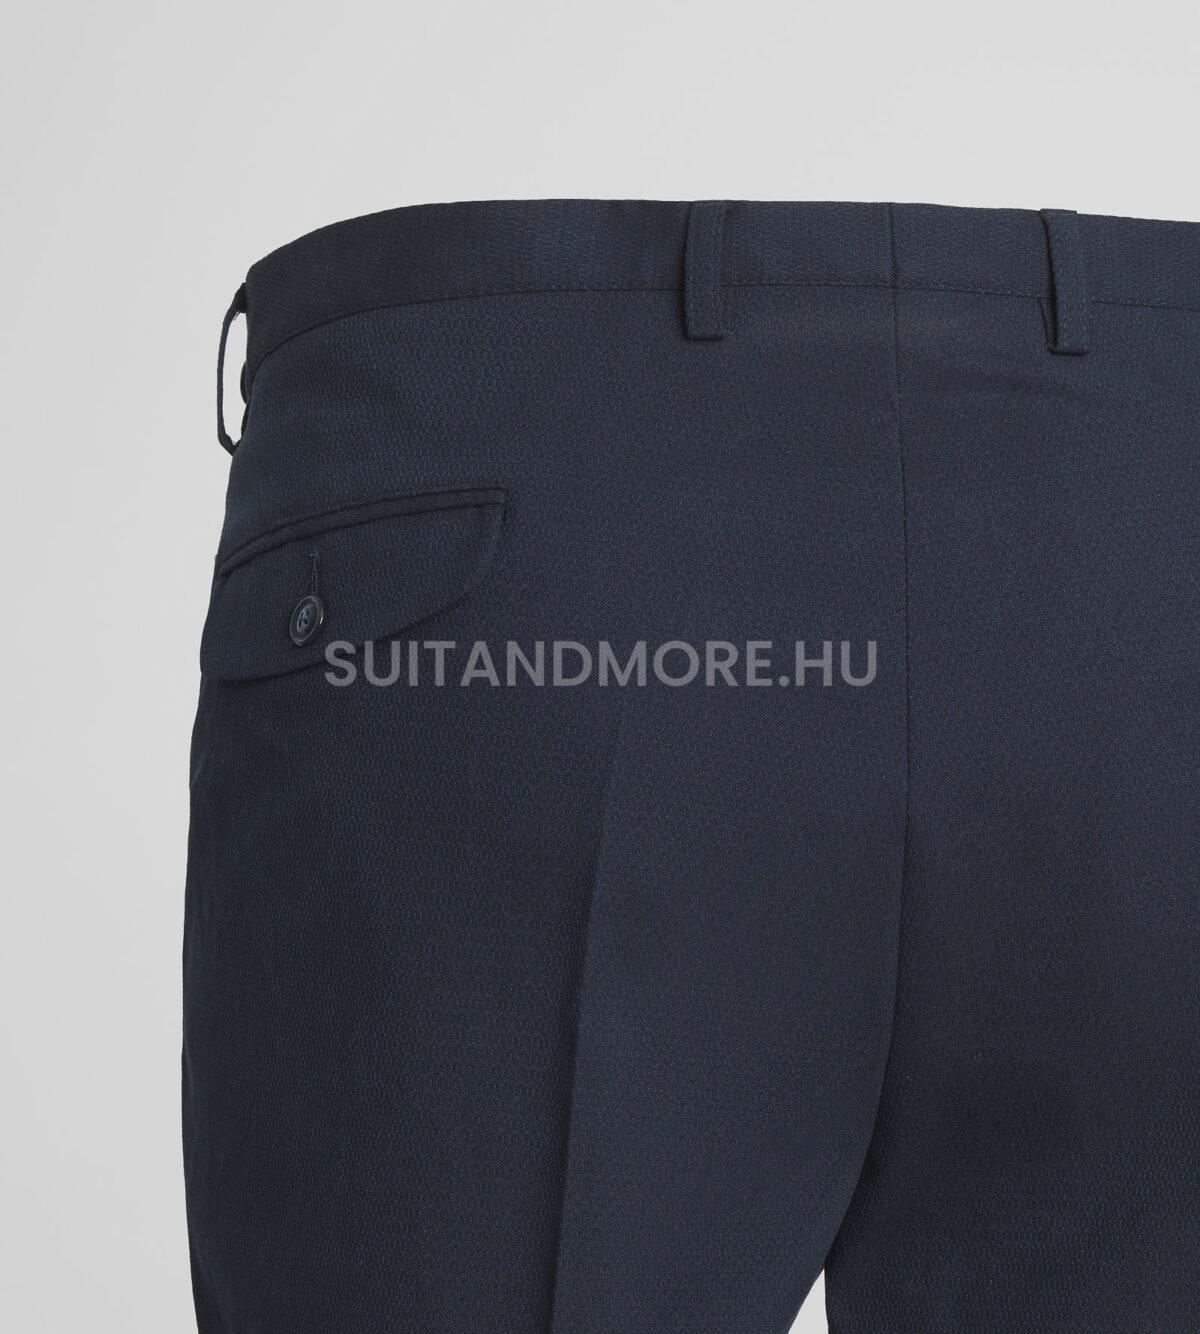 digel-sotetkek-extra-slim-fit-szovetnadrag-nico-1251732-22